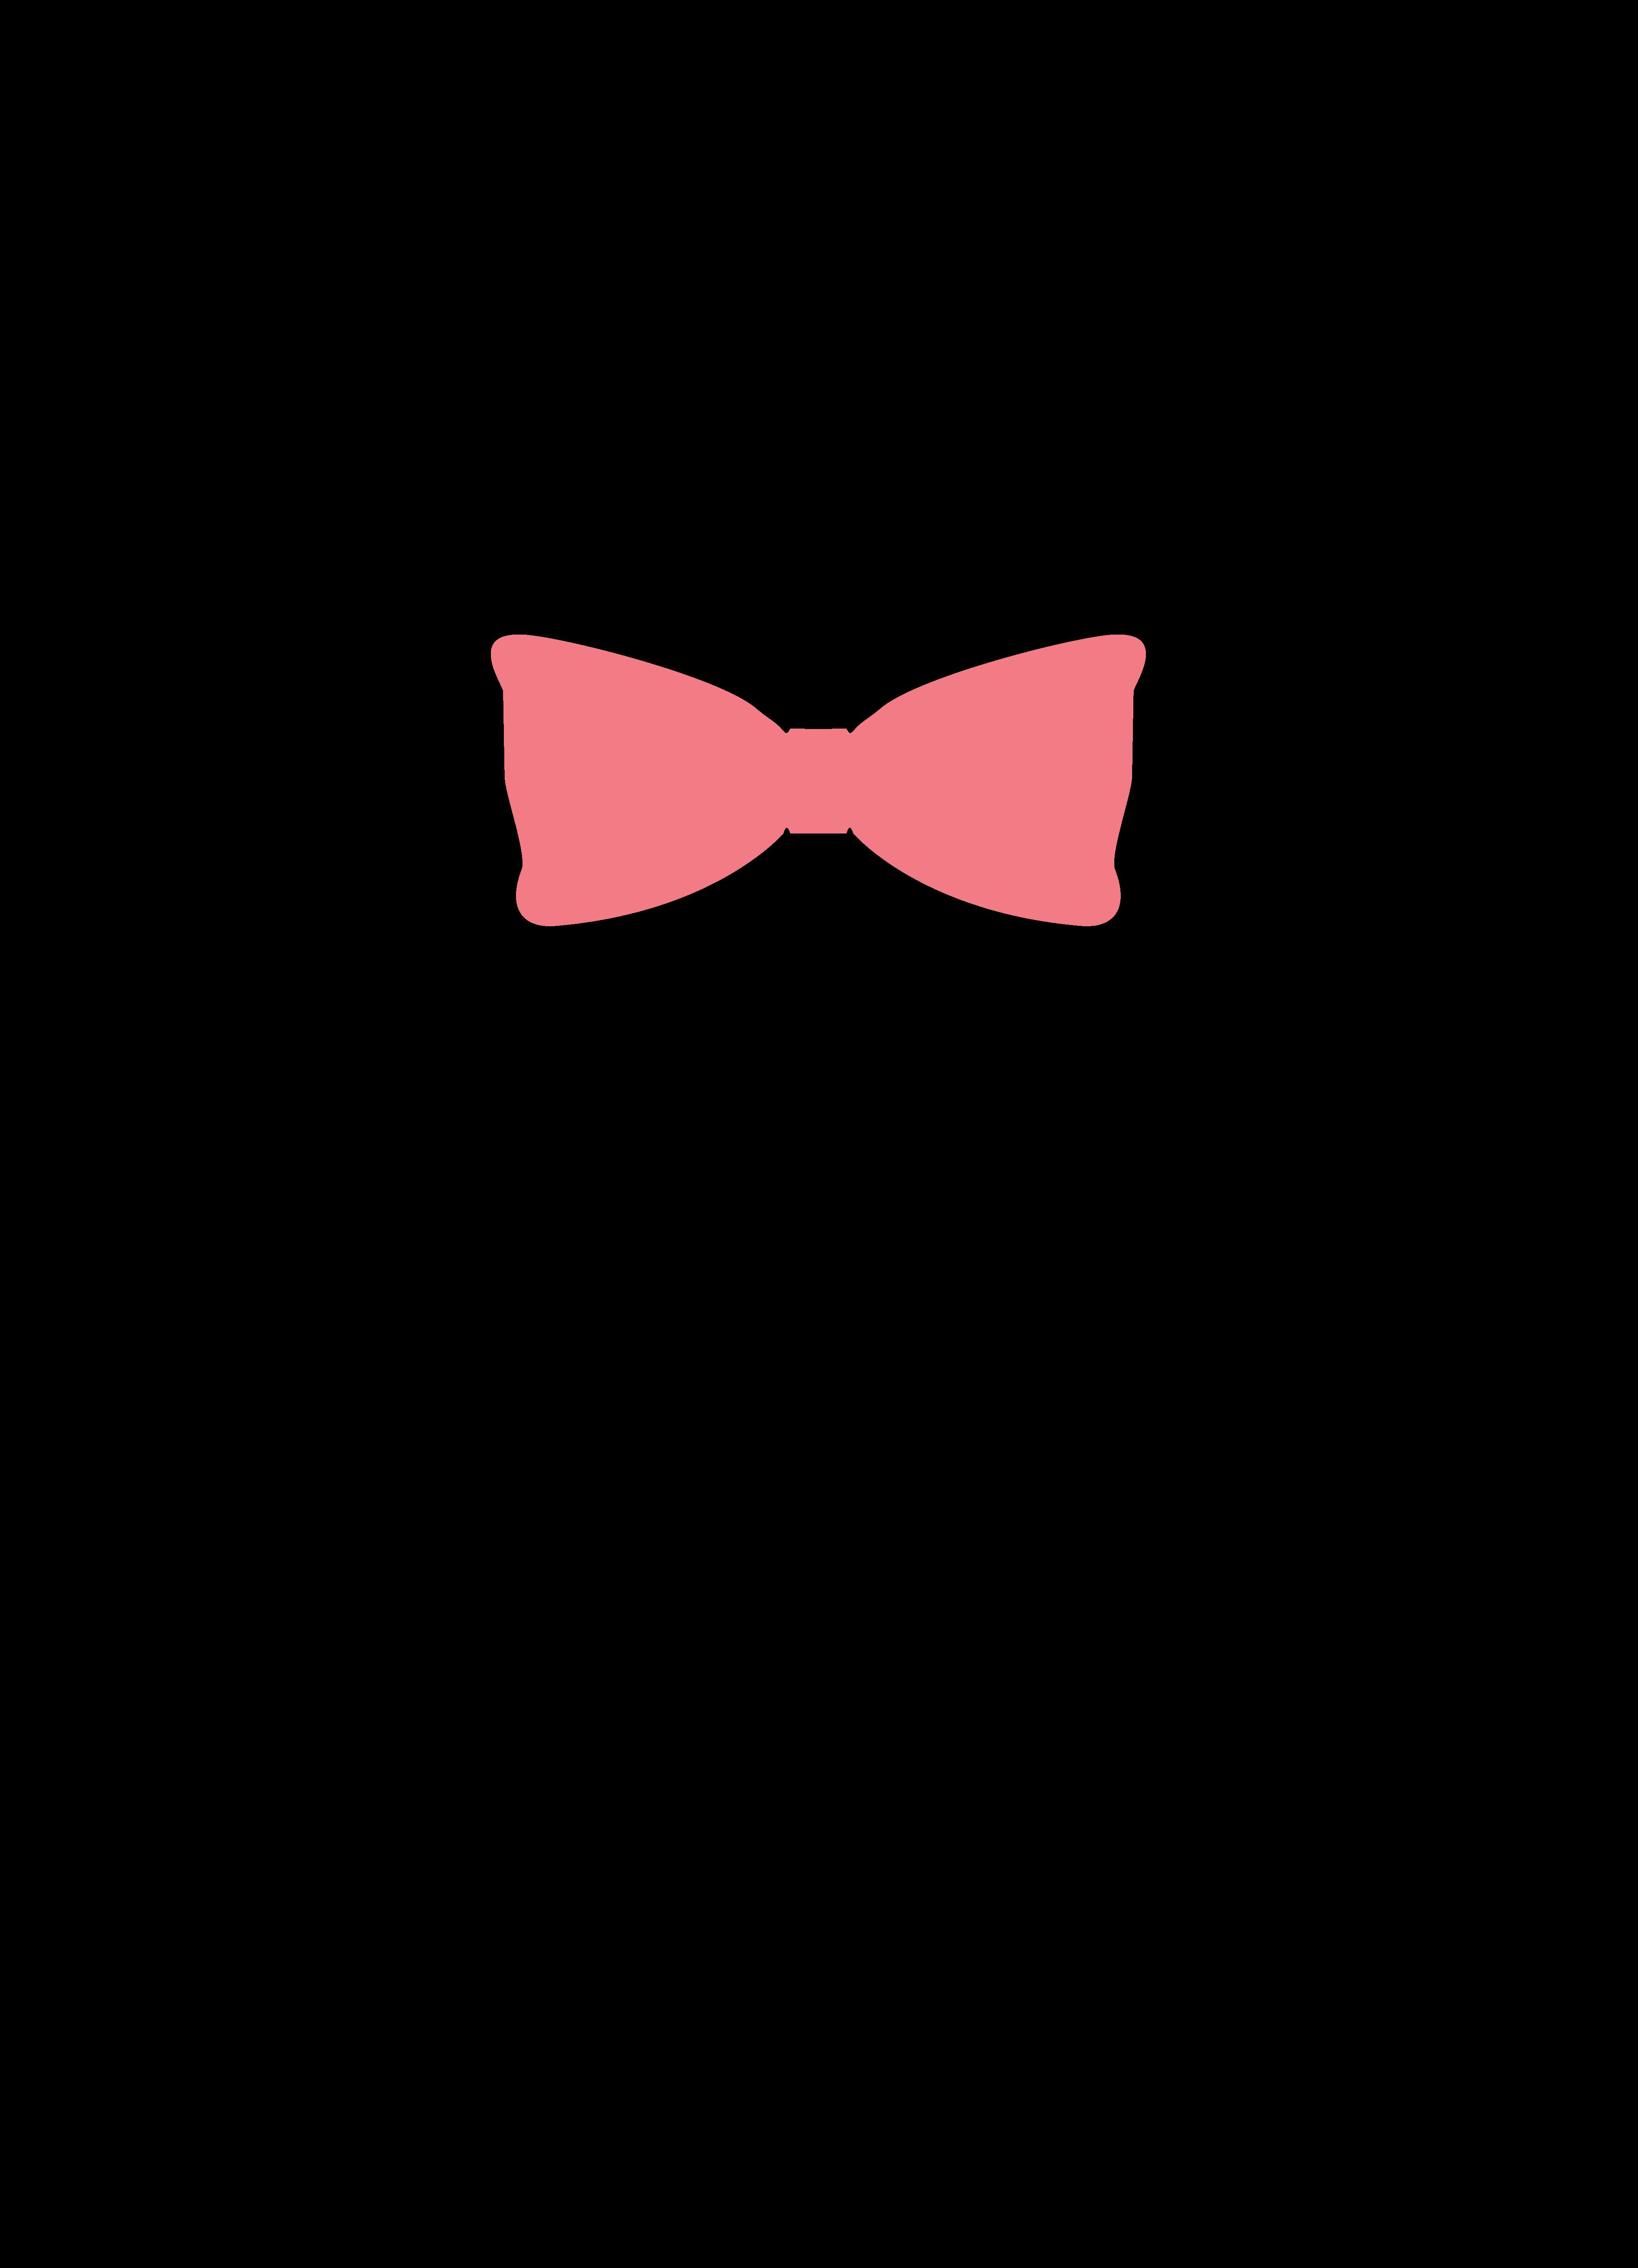 edgar  la web application de conciergerie  u00e0 vos couleurs  qui vous permet d u2019obtenir les